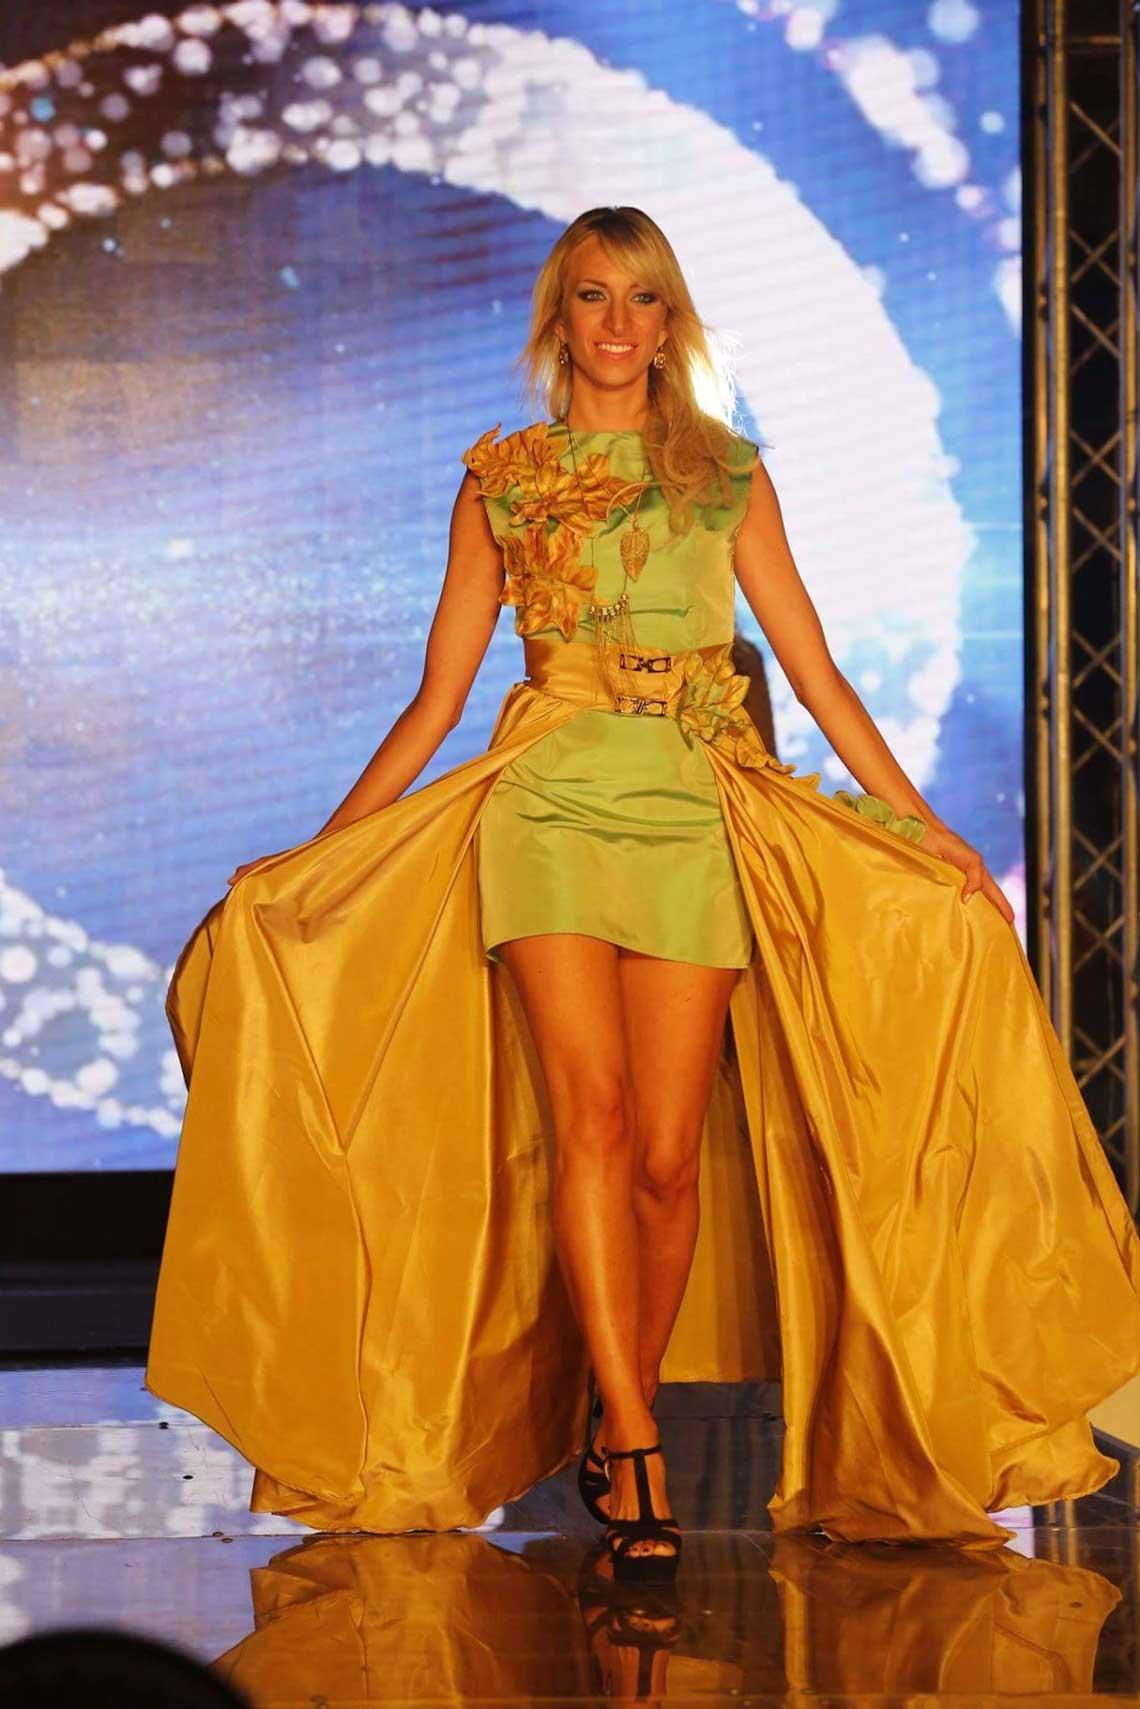 Ragazza Moda e Spettacolo - Ambra design